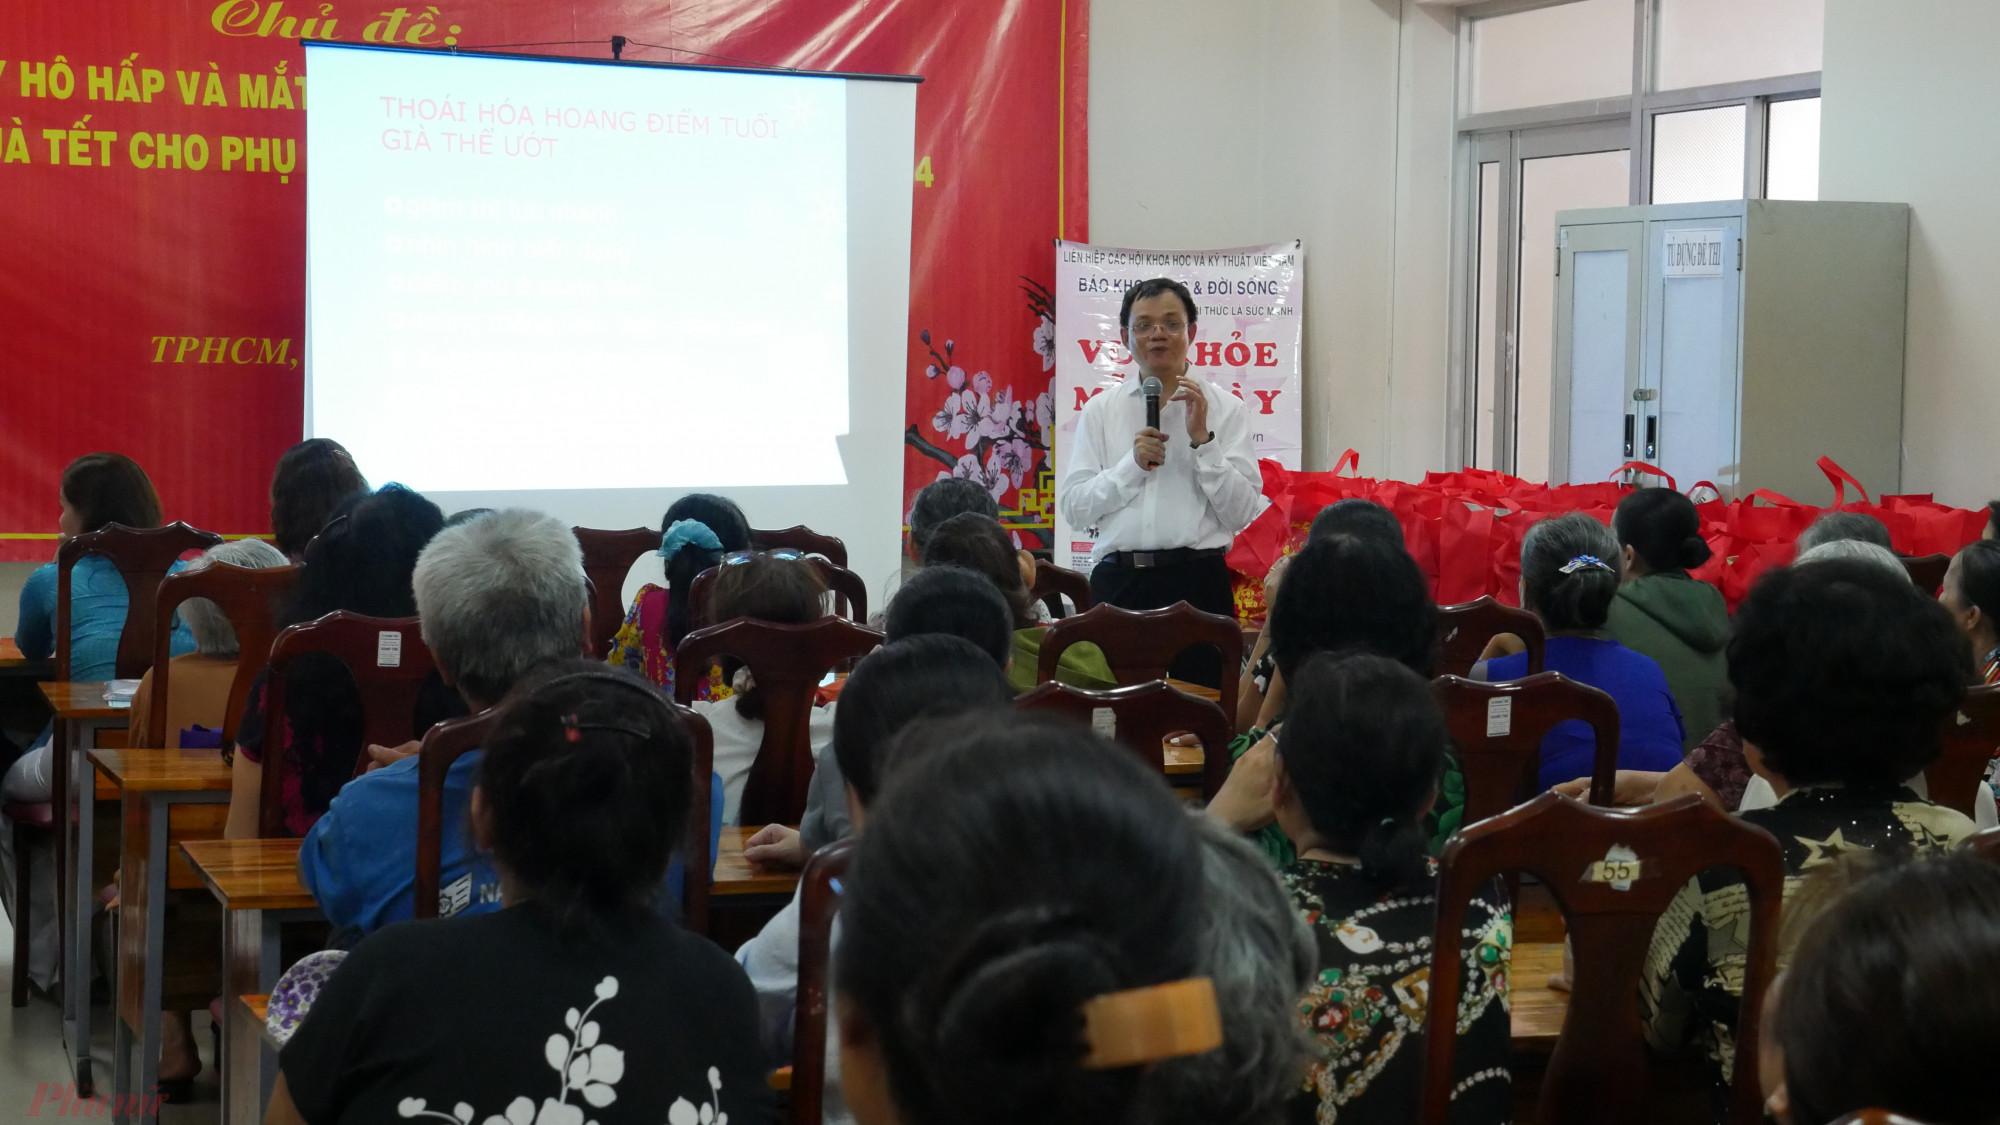 Hội LHPN quận 4 phối hợp tổ chức chương trình tư vấn sức khỏe ngày xuân cho phụ nữ và người dân.